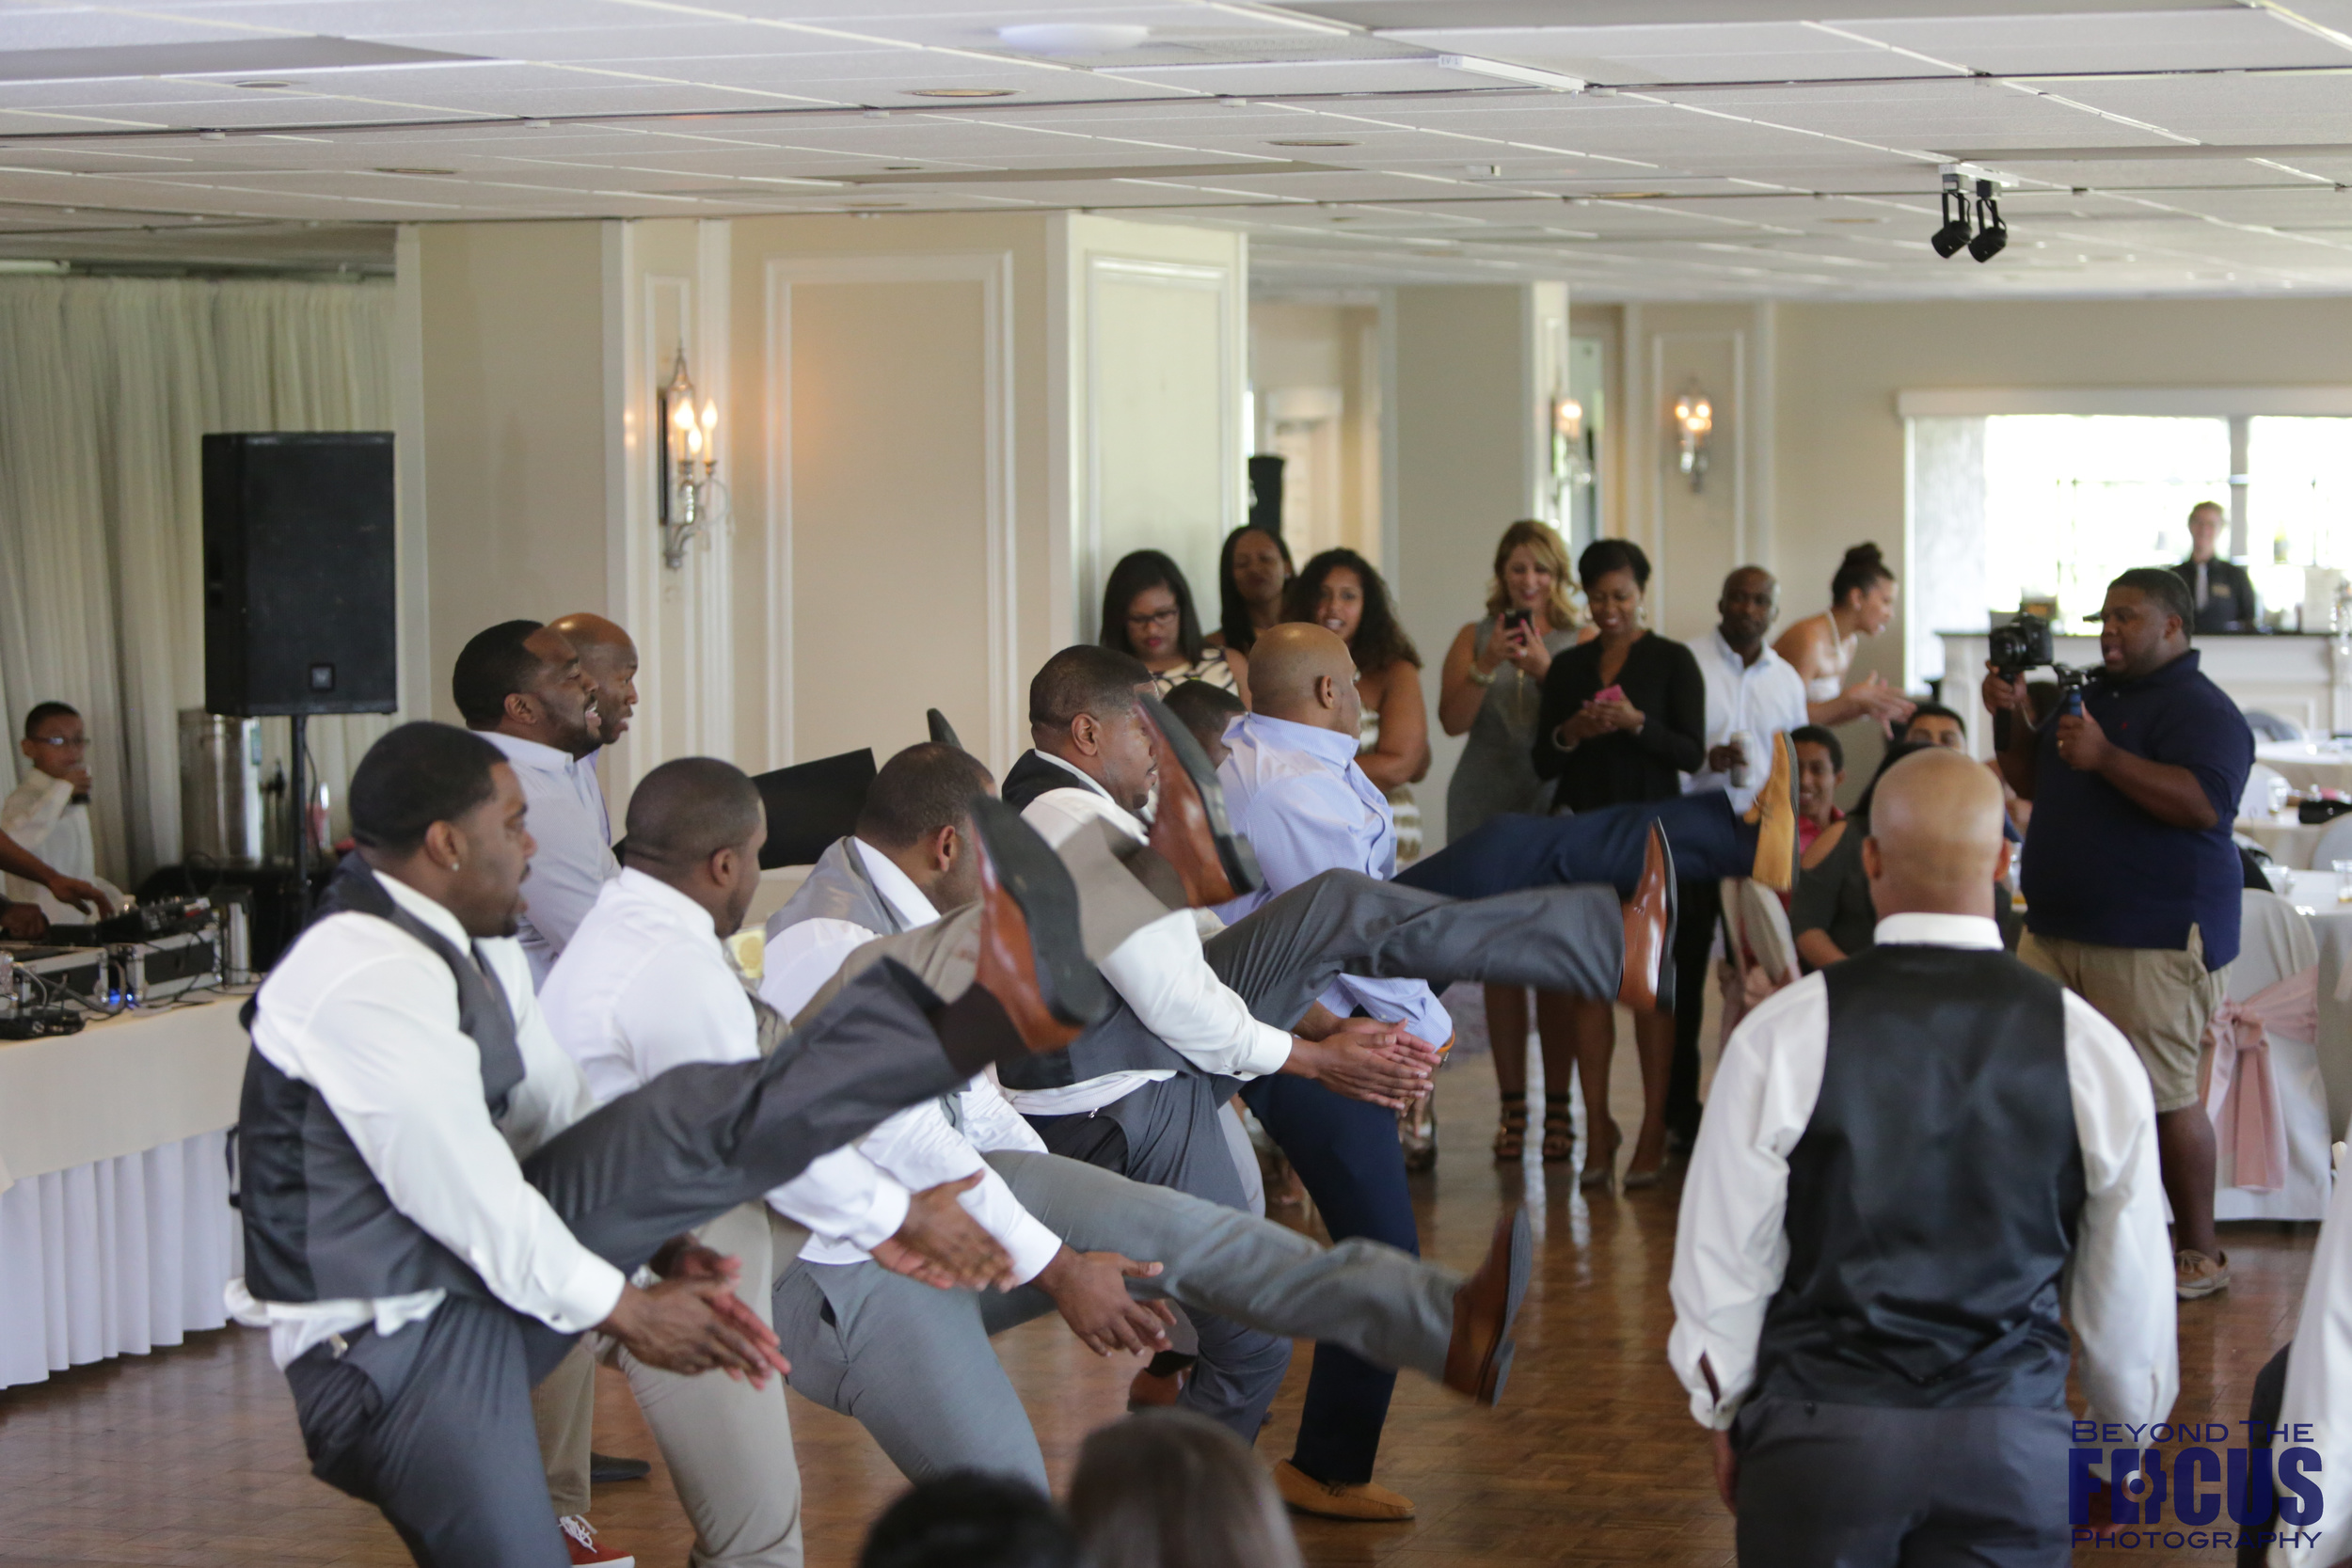 Palmer Wedding - Reception 220.jpg